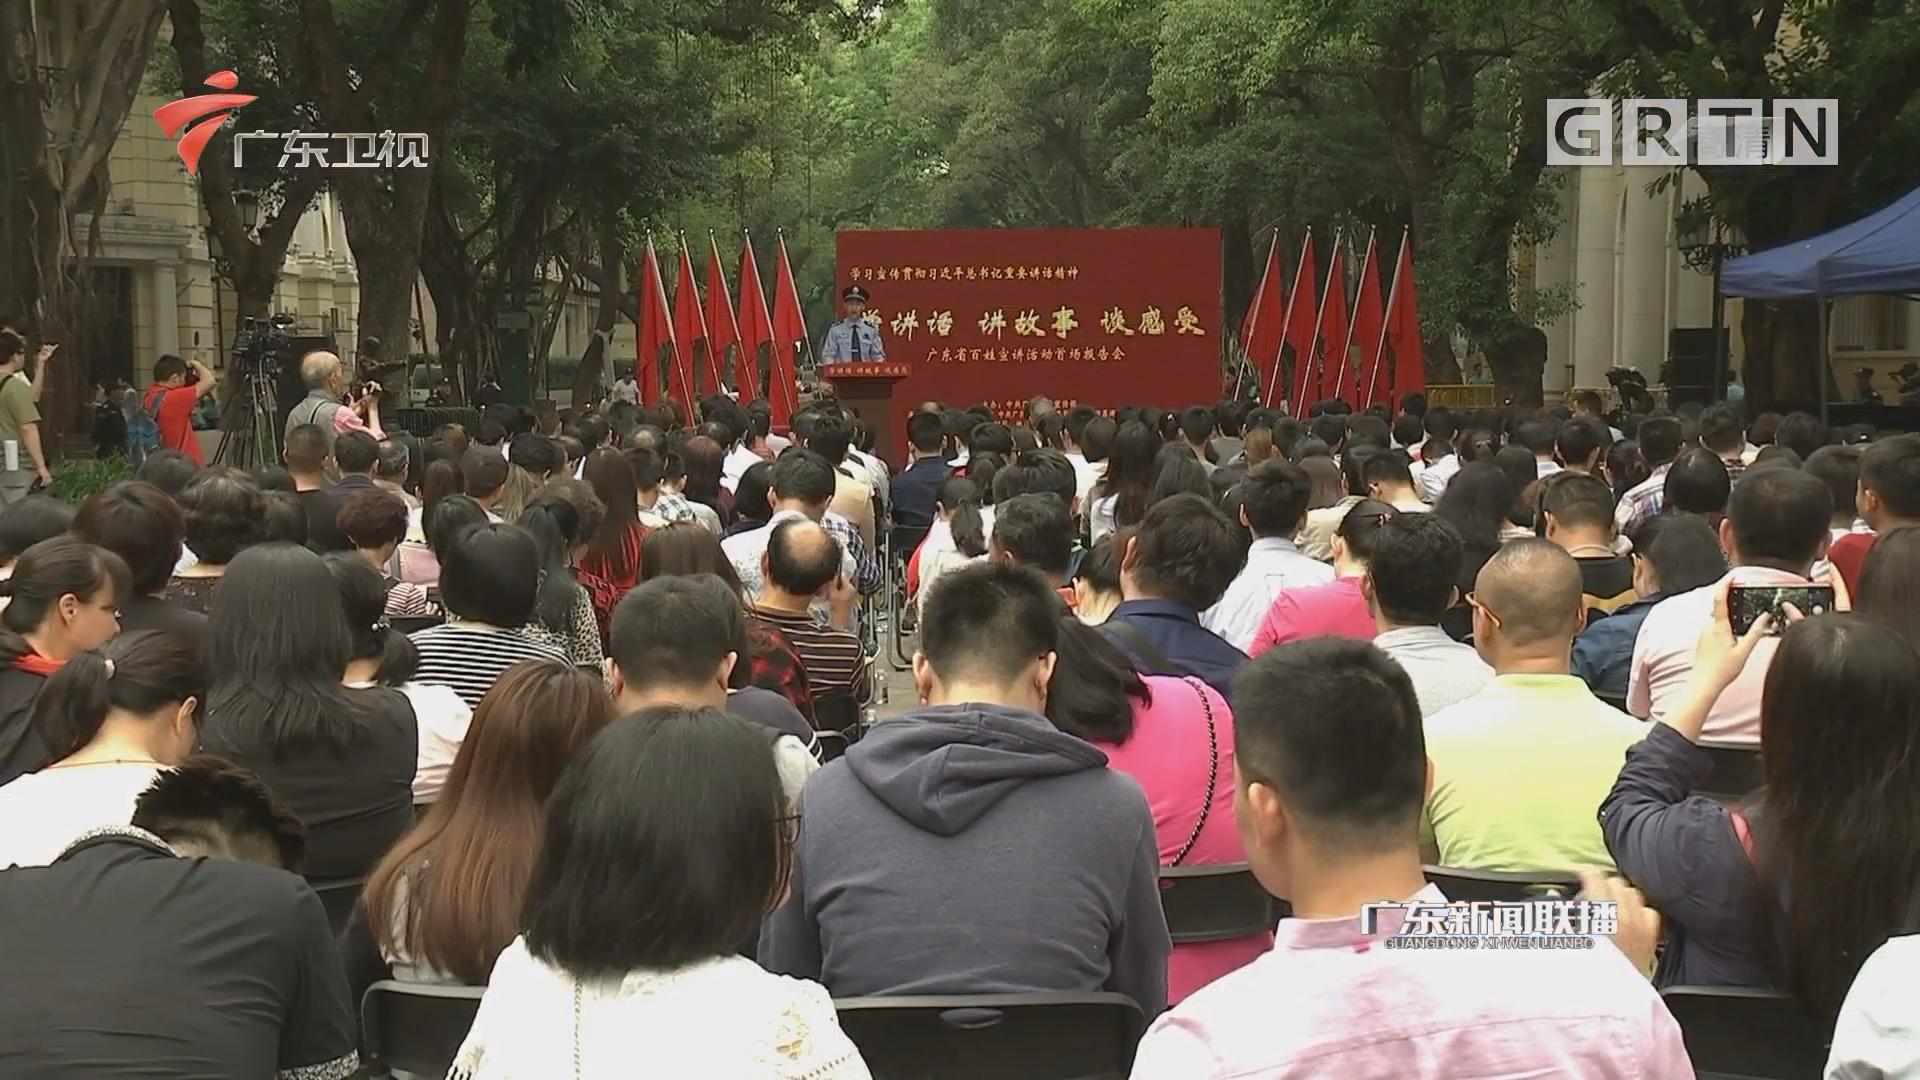 """广东举行首场""""学讲话 讲故事 谈感受""""百姓宣讲活动"""